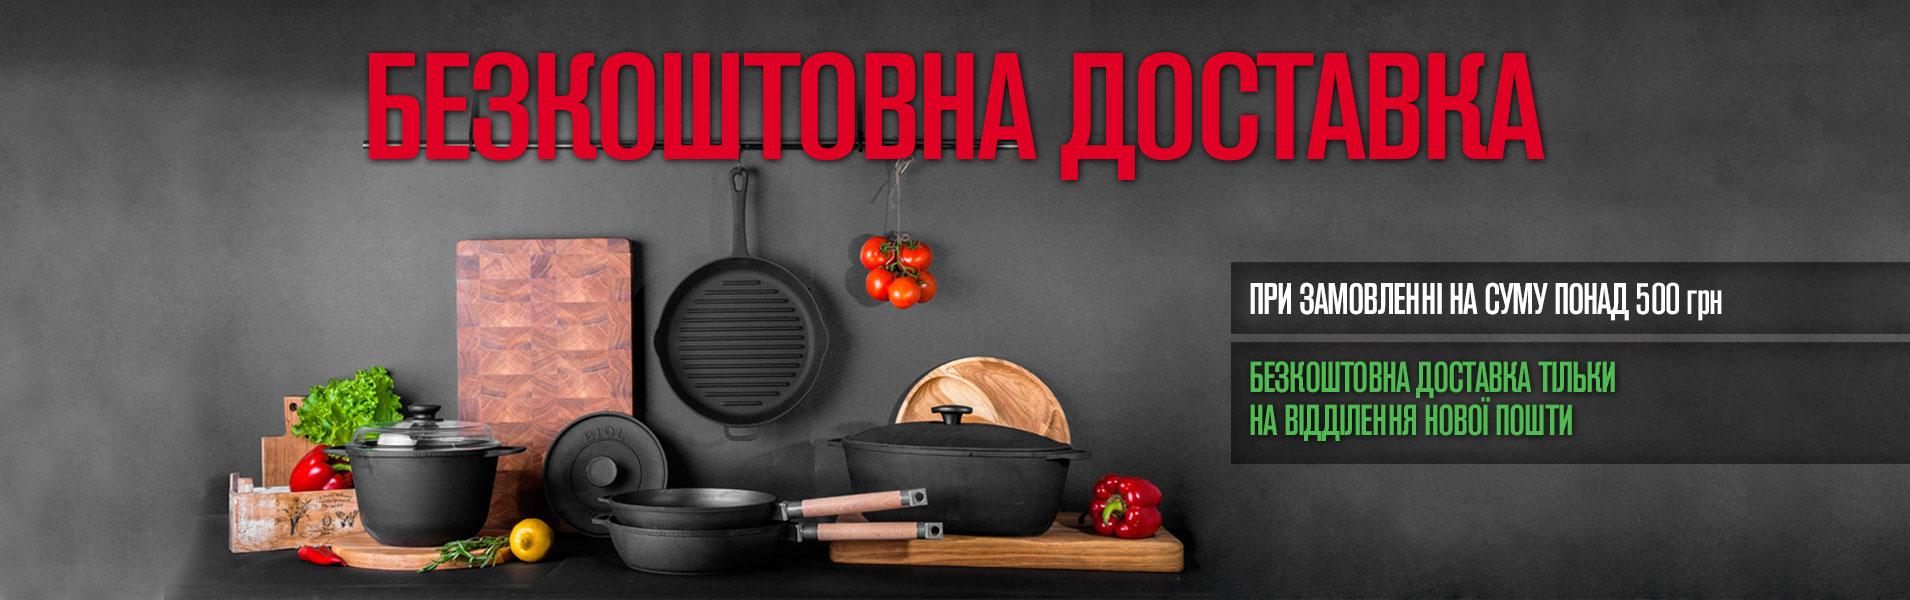 Бесплатная доставка Новой Почтой от 500 грн TM BIOL